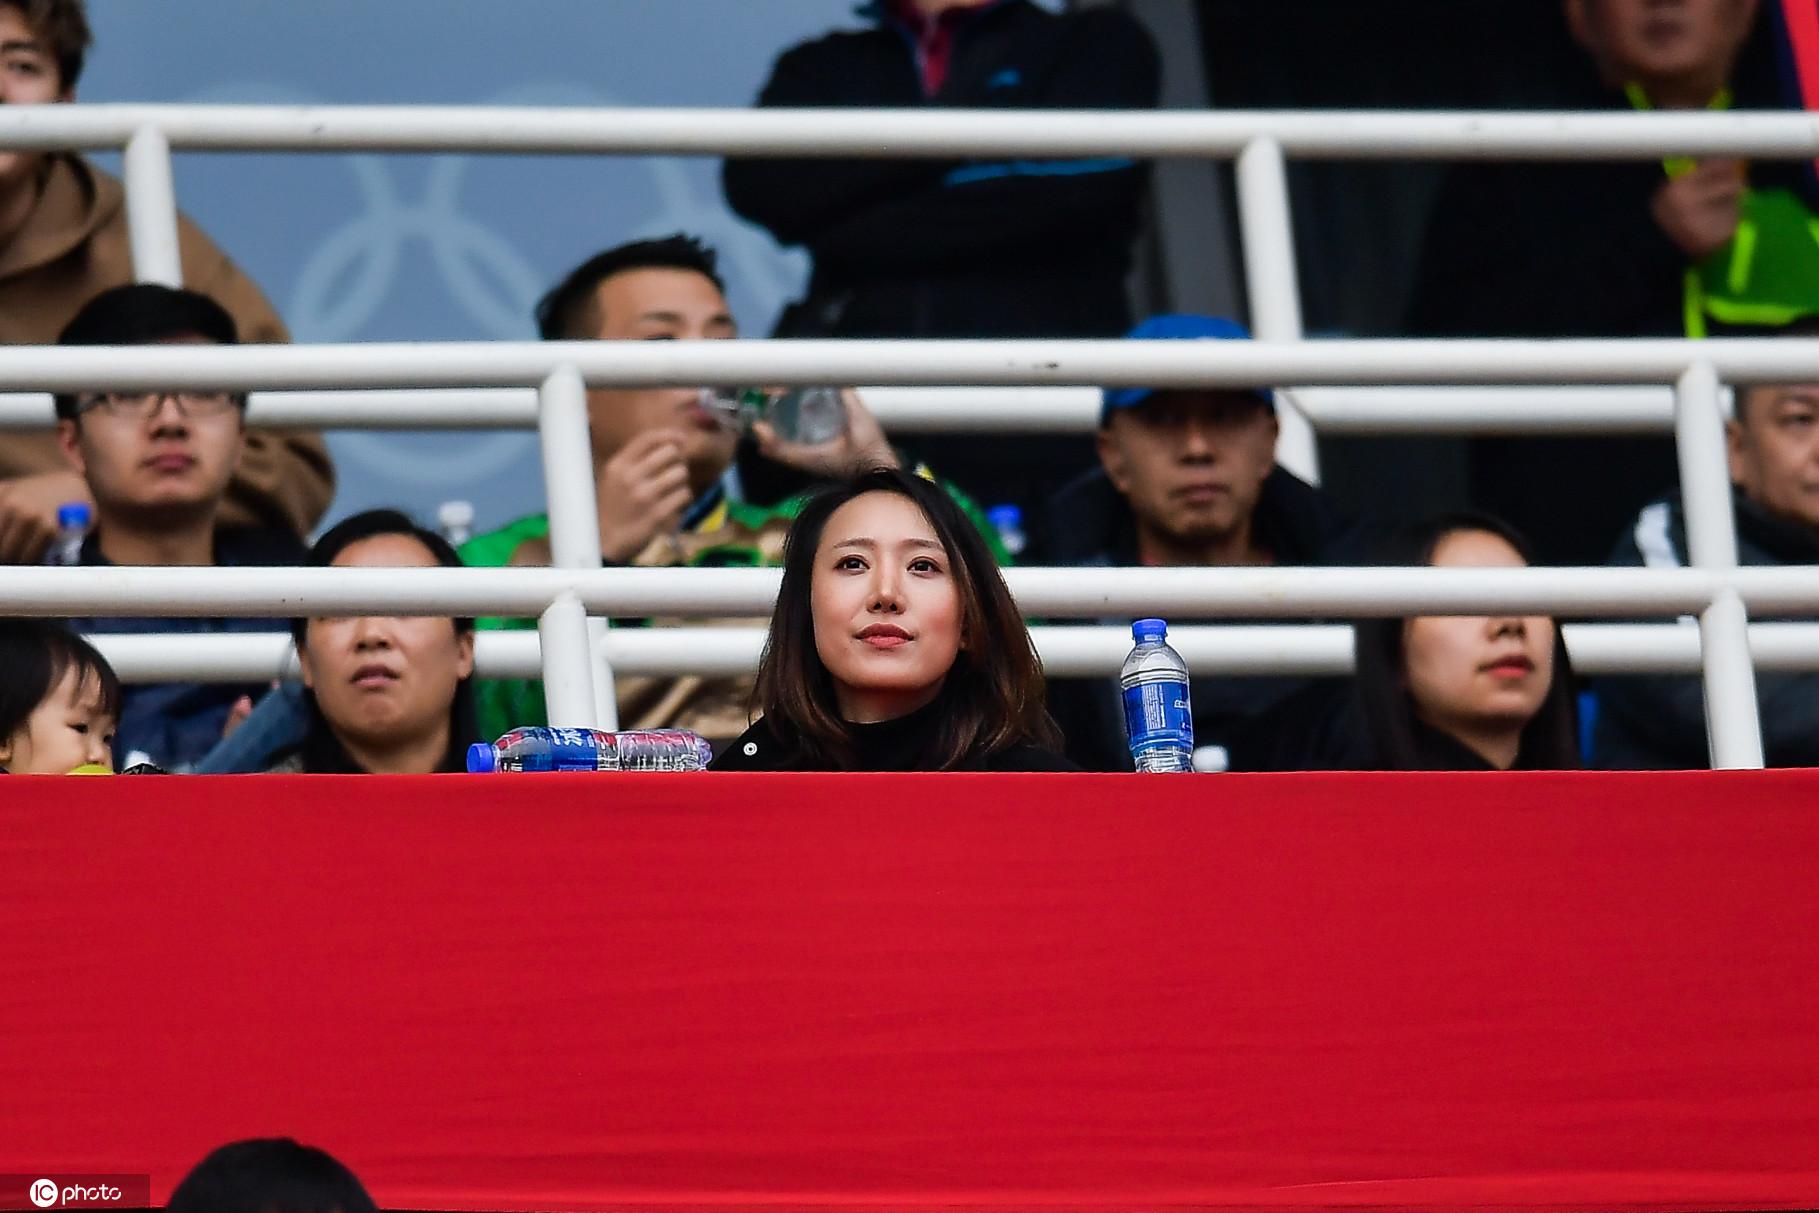 一图流:老总文筱婷北京客场观战,遗憾目睹球队冲超失败